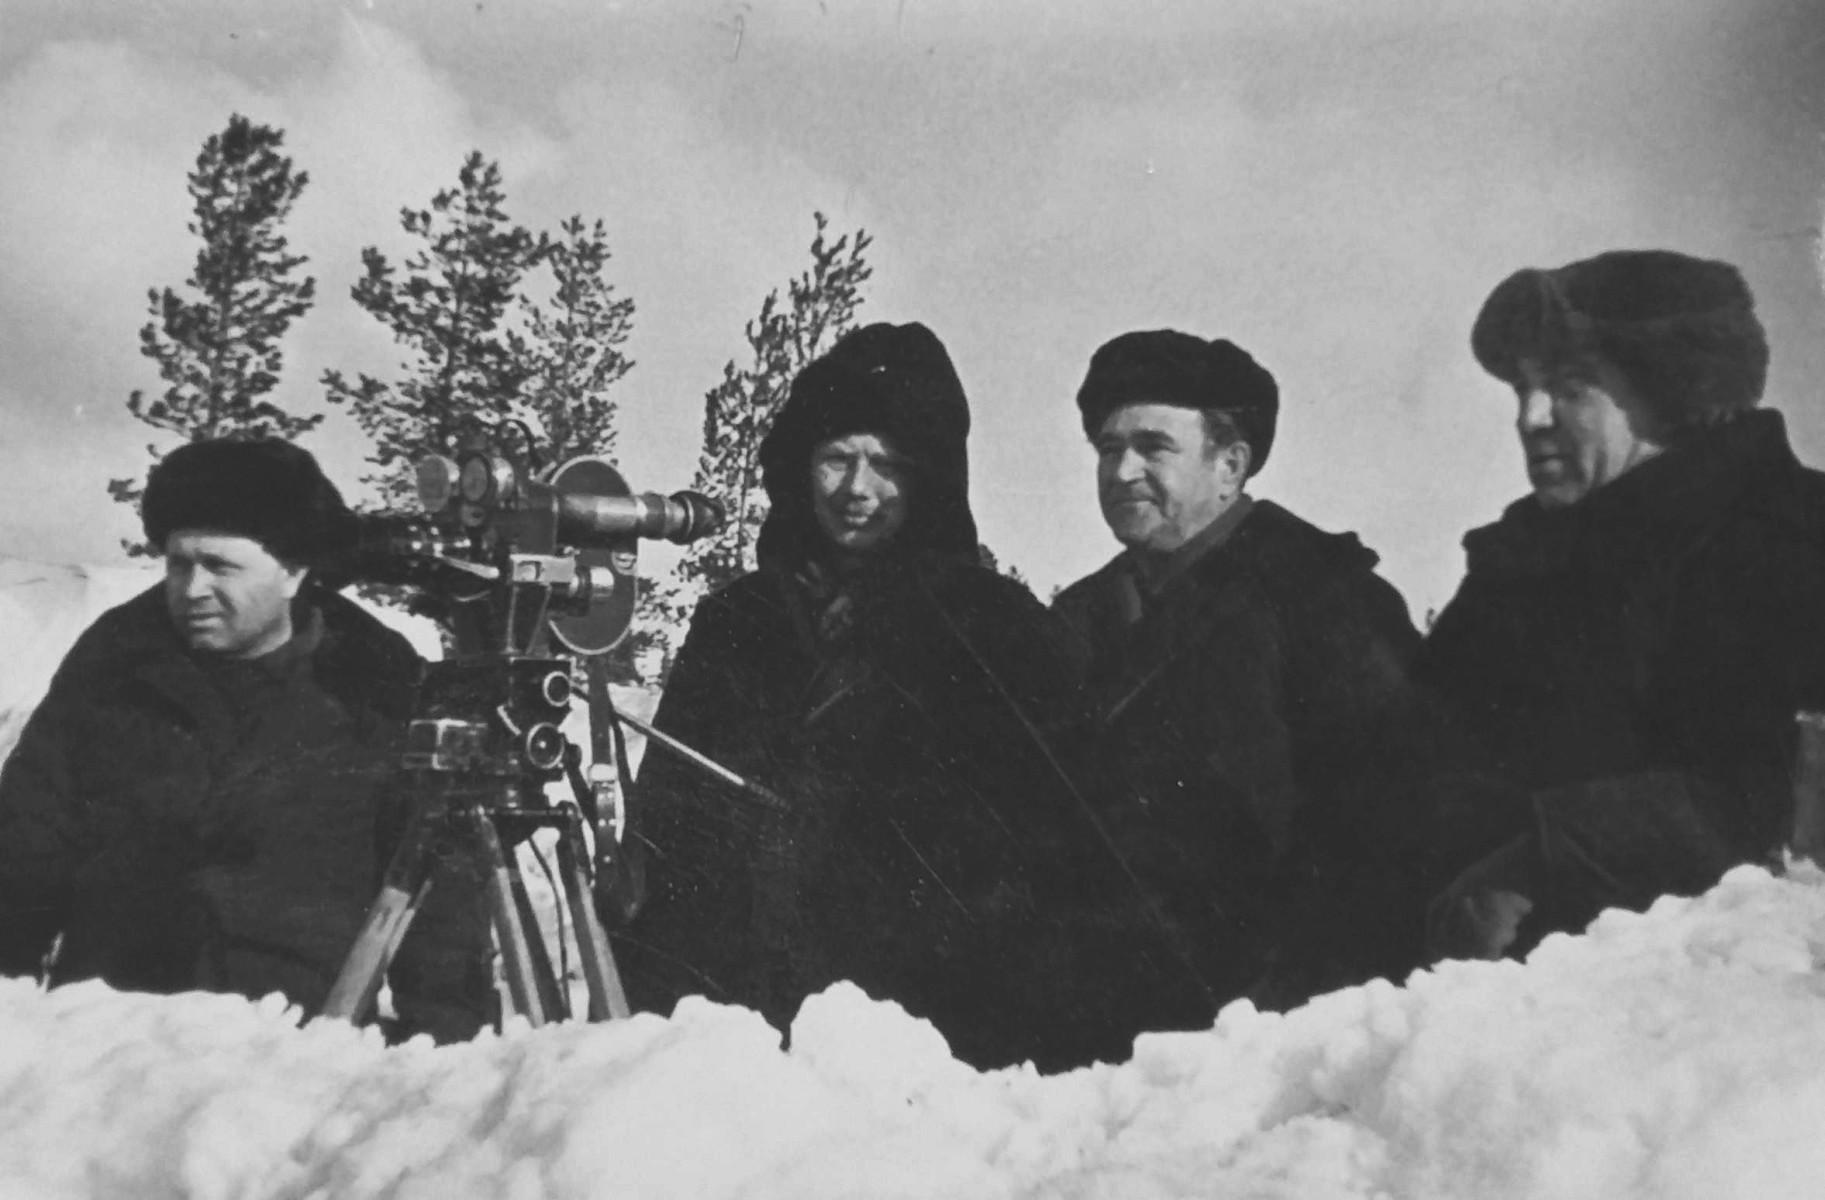 Экспонат #25. С Истоминым, Завьяловым и Никифоровым